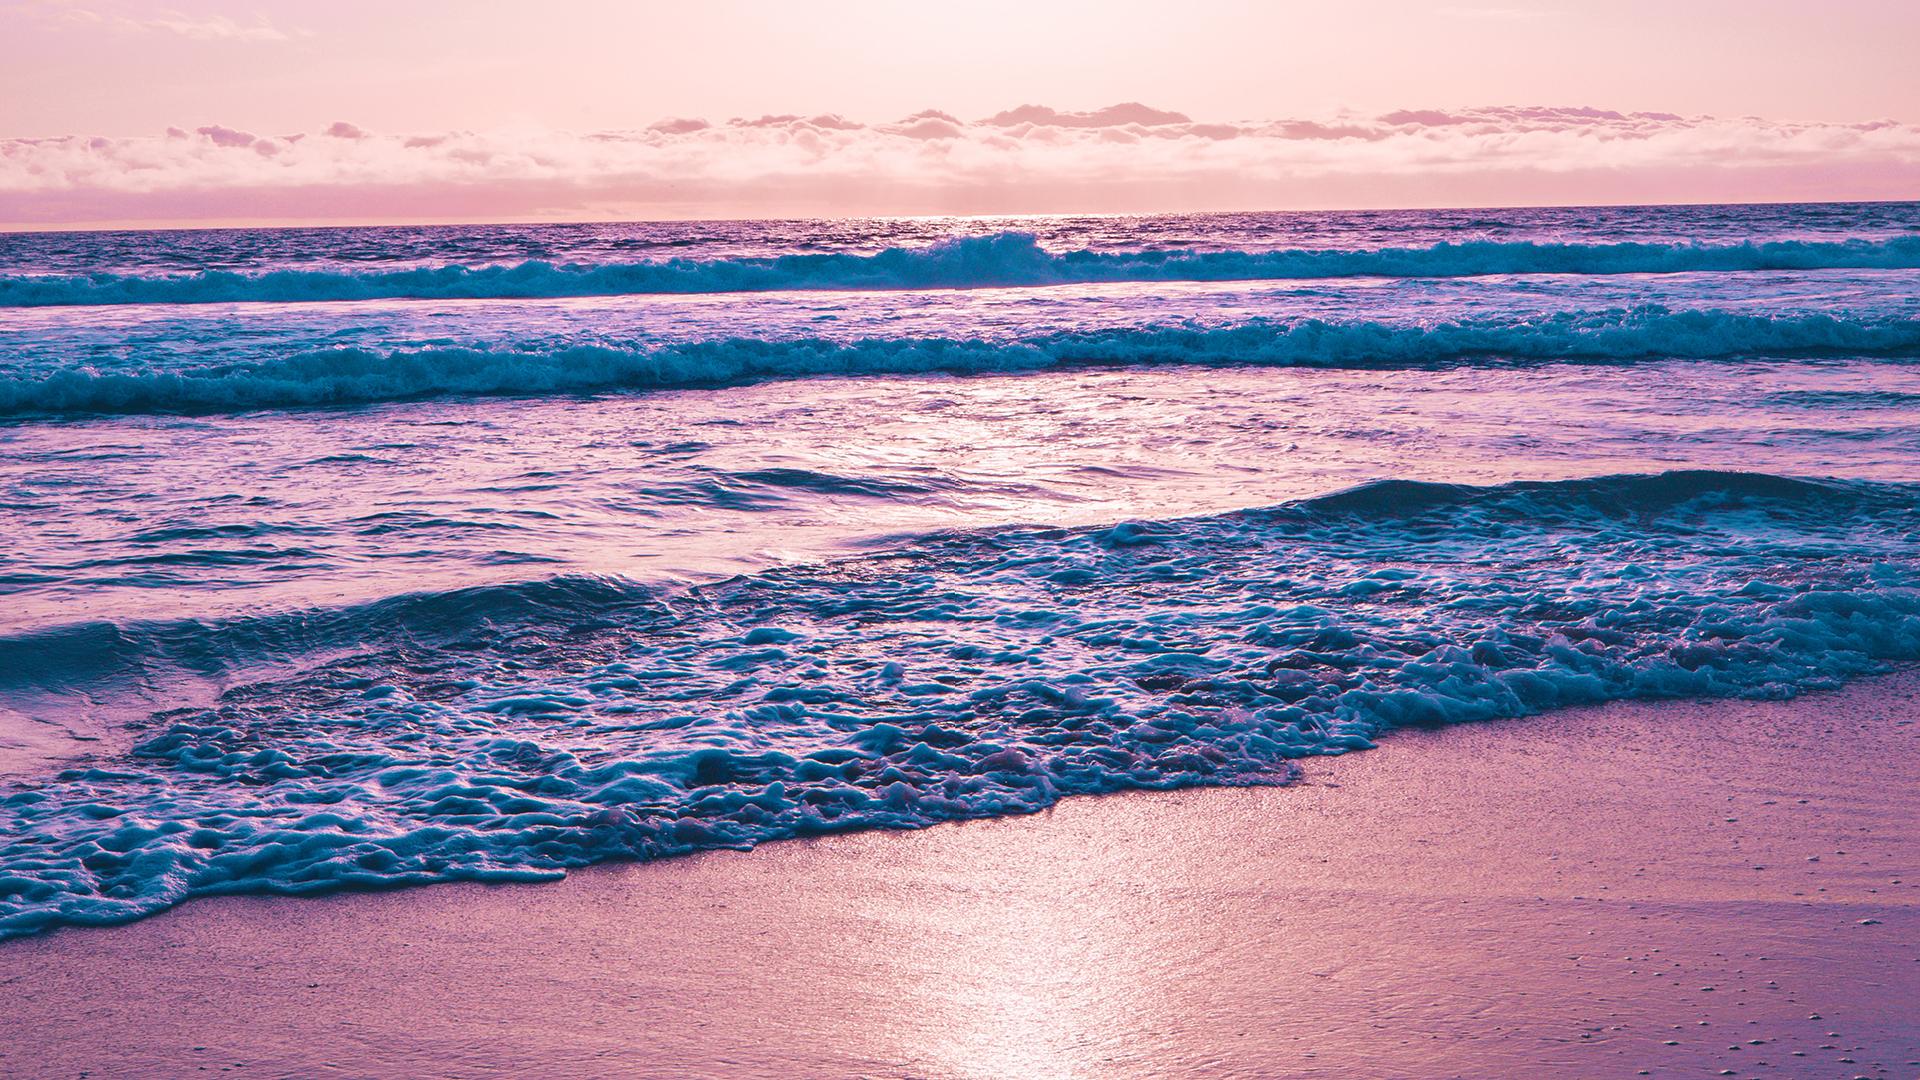 General 1920x1080 waves water purple sky